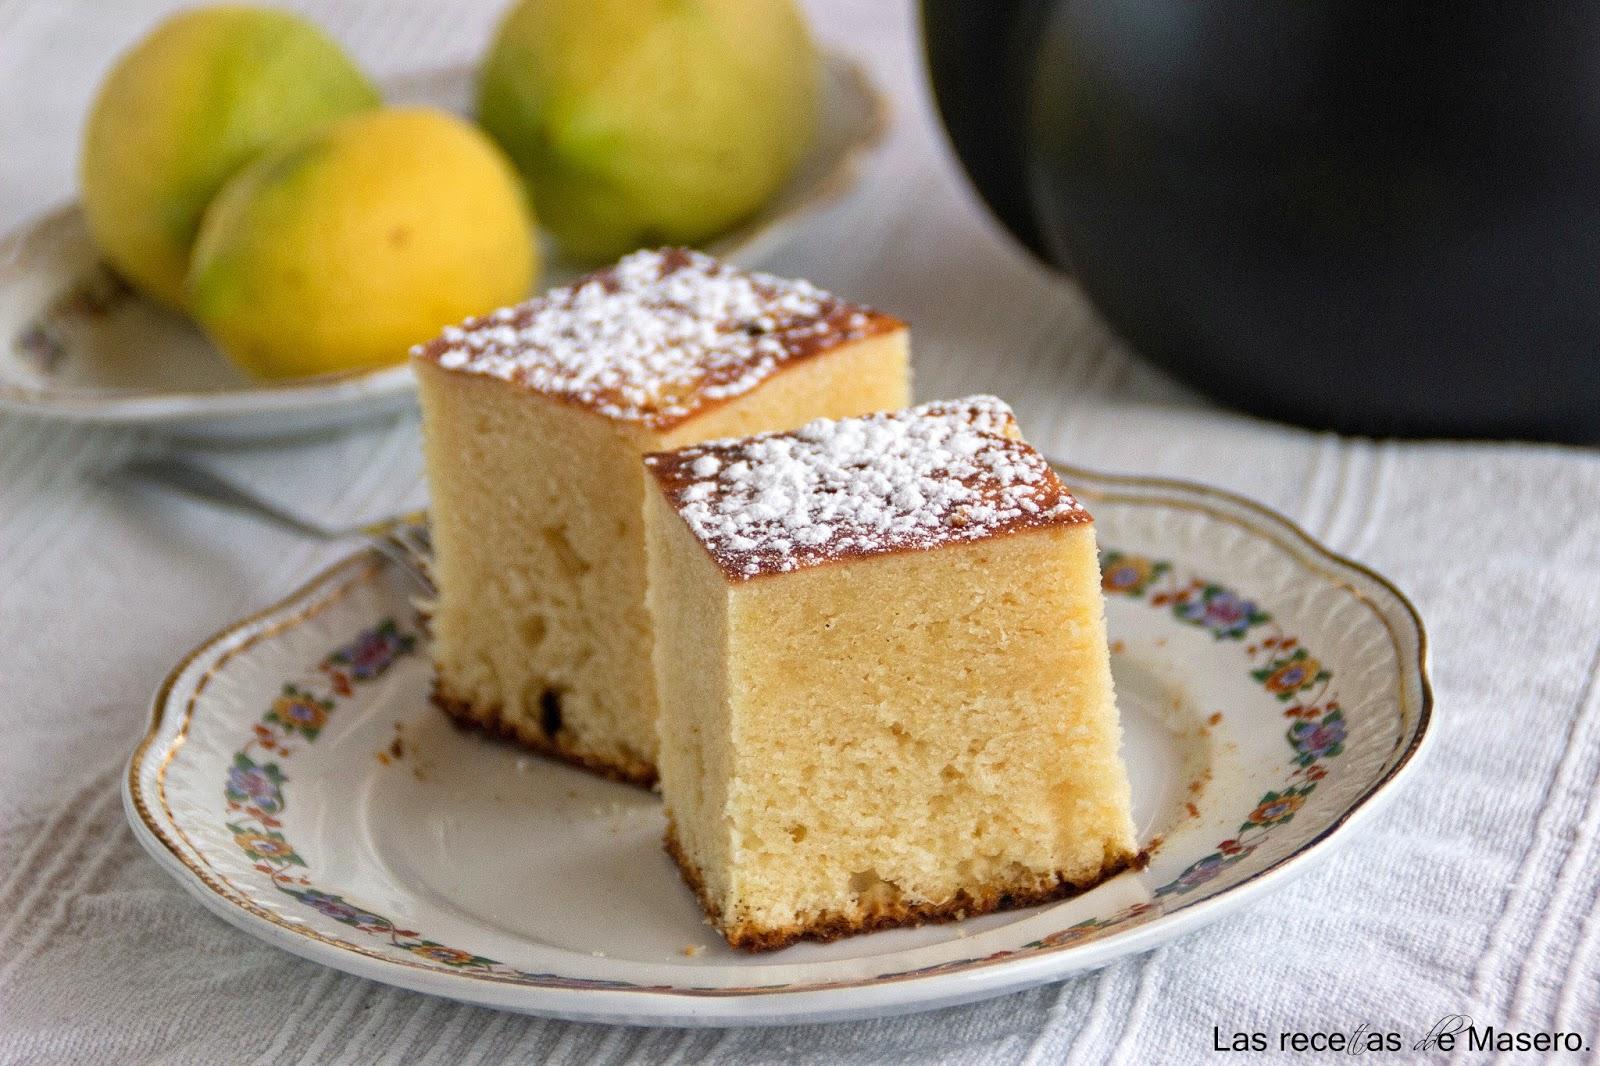 Las recetas de masero bizcocho esponjoso de lim n - Bizcocho de limon esponjoso ...